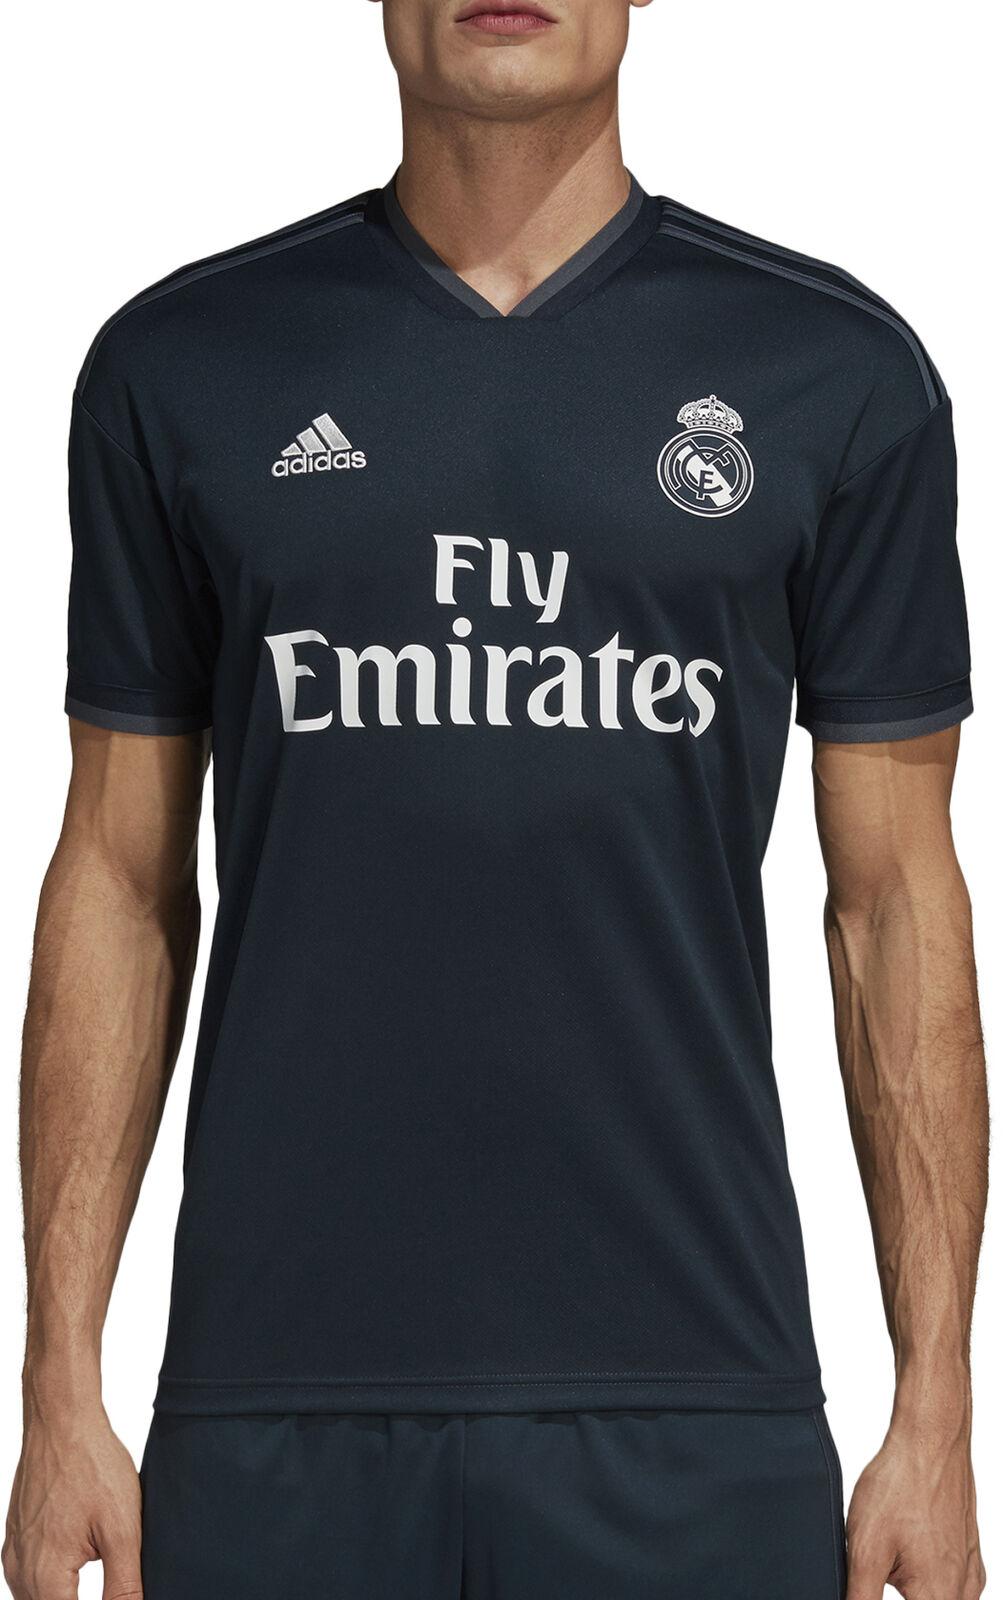 Adidas Adidas Adidas Real Madrid Away 2018 19 Mens Football Shirt aed313